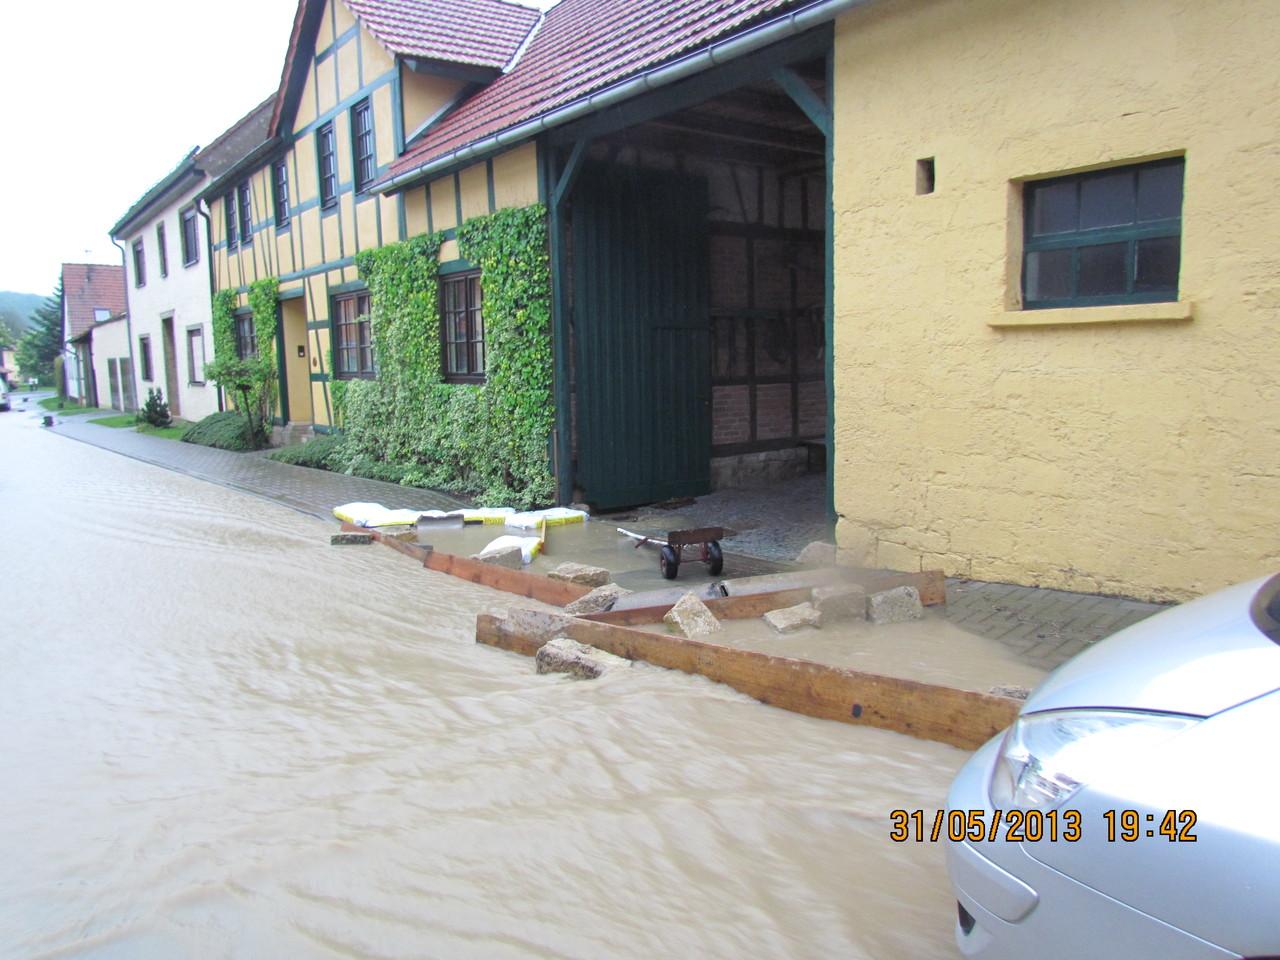 Der Einfallsreichtum der Anwohner reichte zum Glück meistens um das Wasser von ihren Grundstücken fern zu halten.